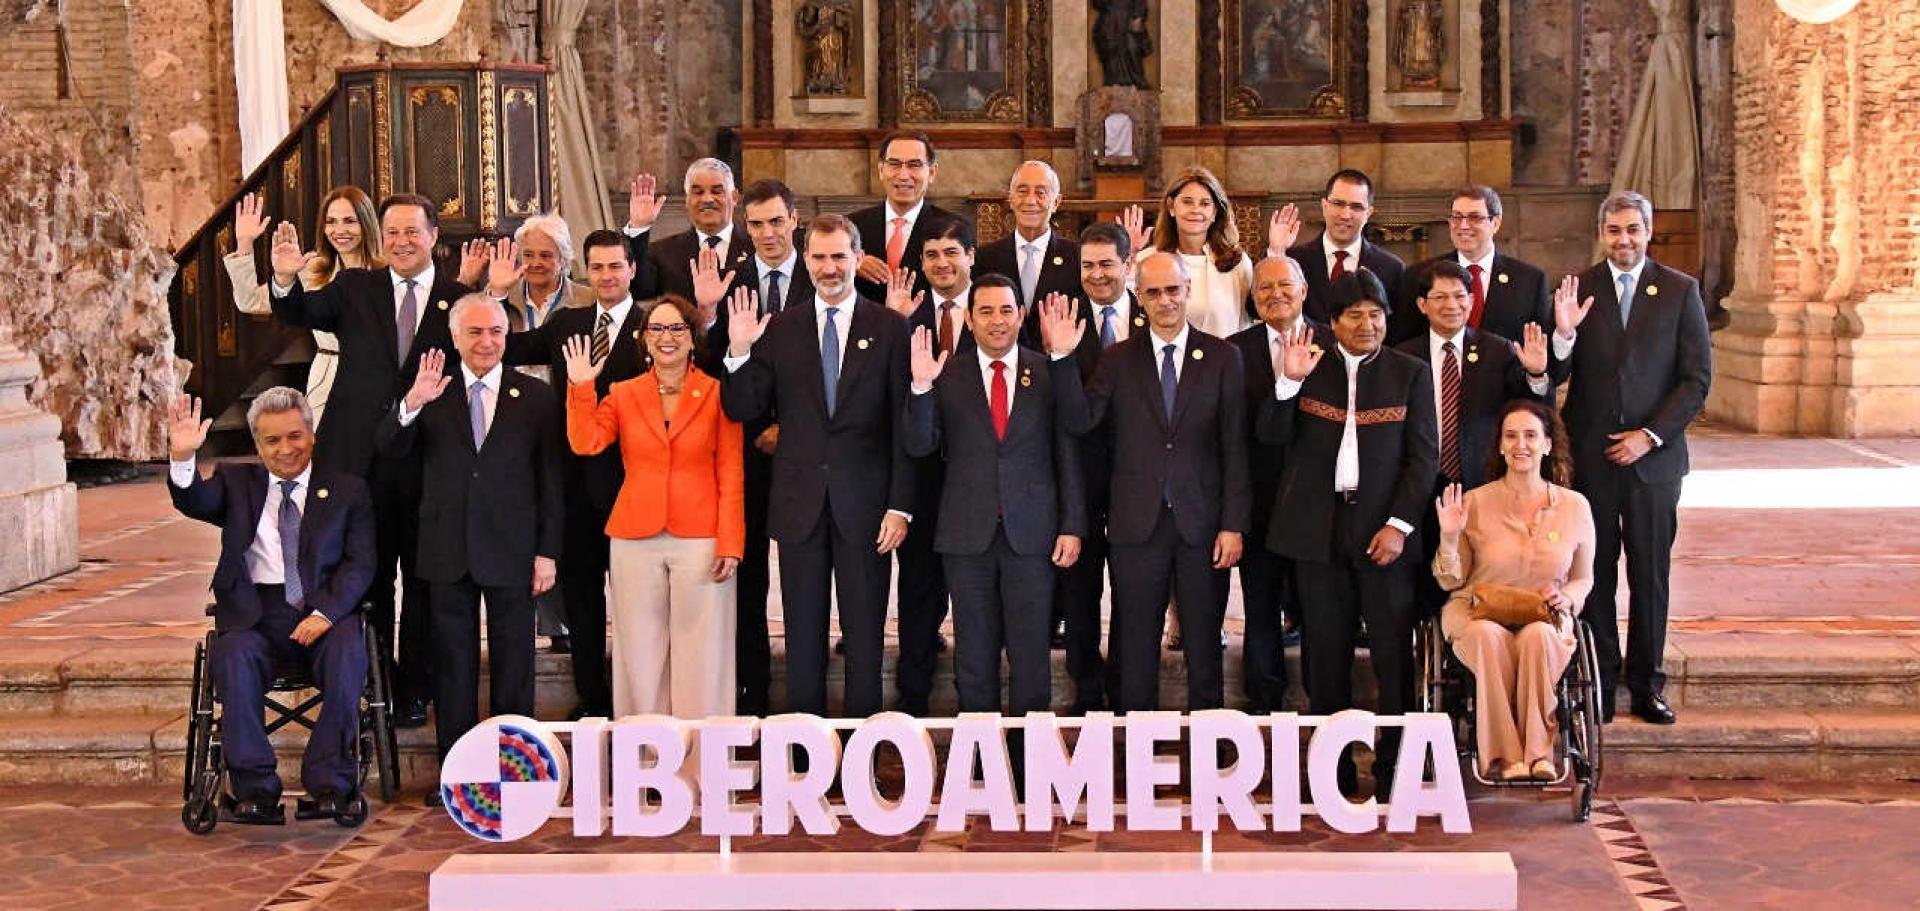 La Argentina Particip De La Xxvi Cumbre Iberoamericana Ministerio De Relaciones Exteriores Y